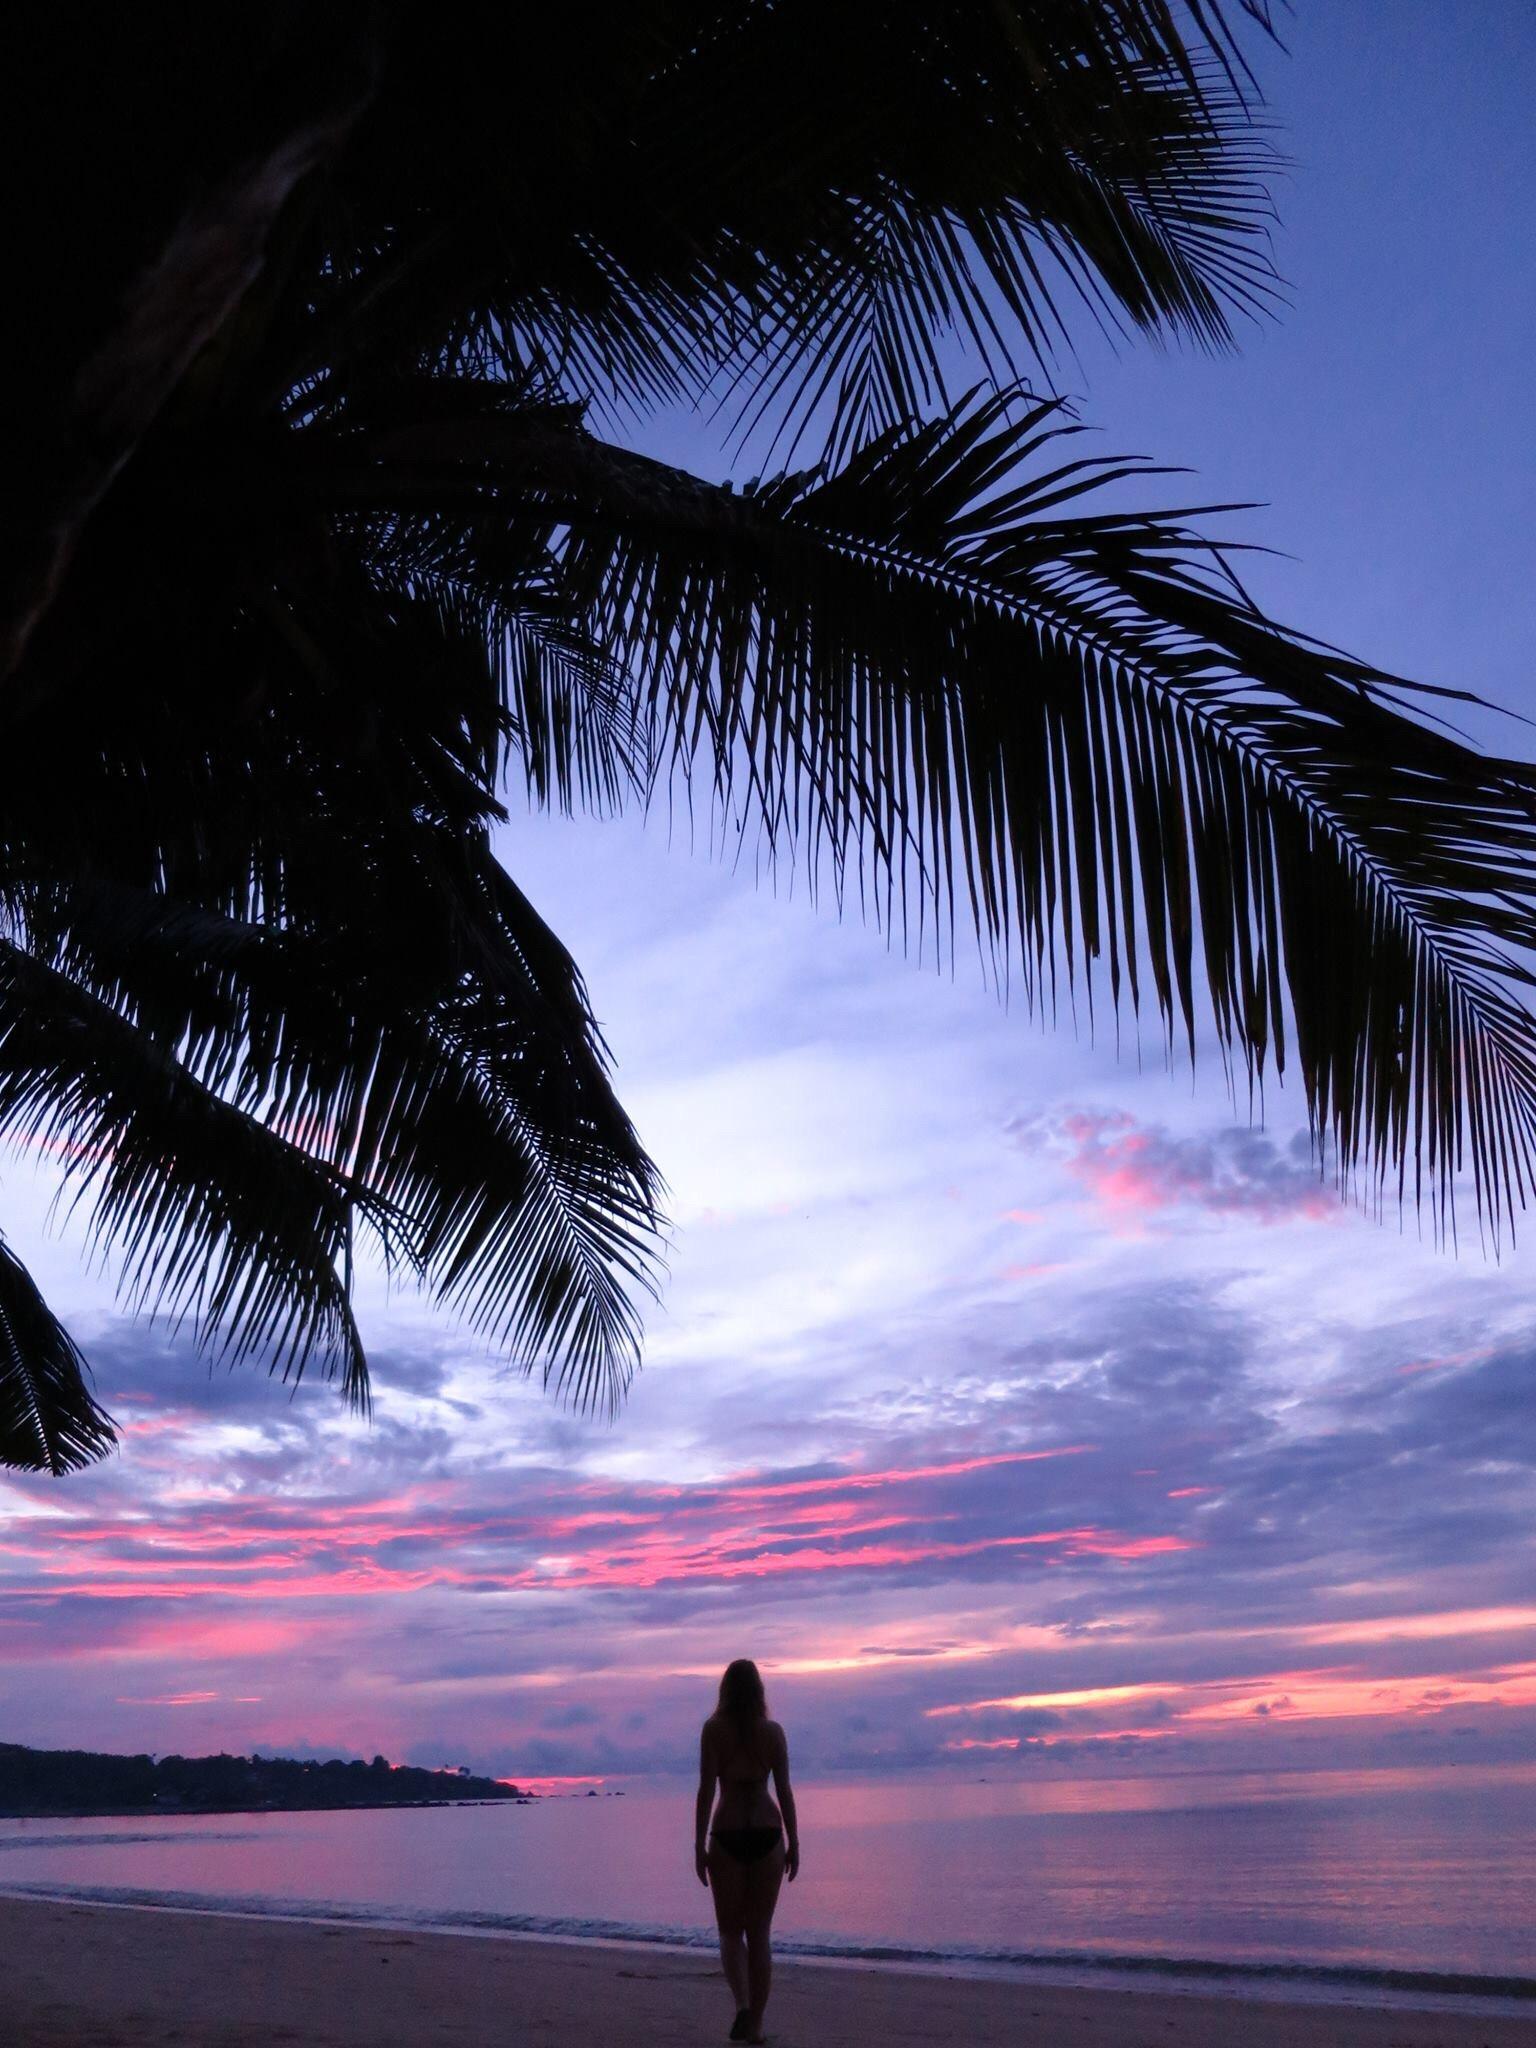 sunset-walks-on-koh-samui_t20_GRYA80.jpg